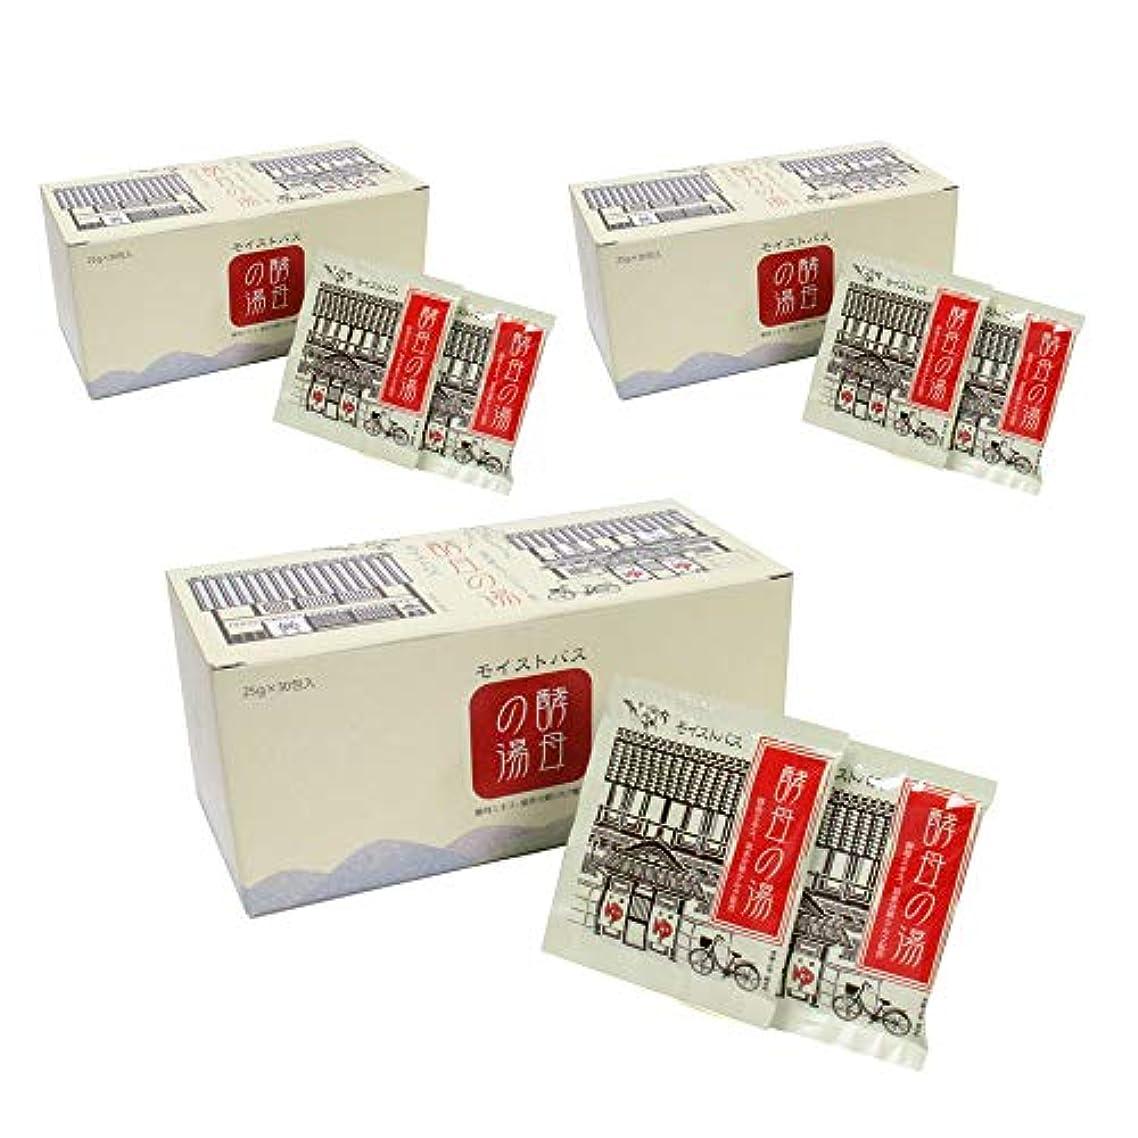 安定しました失業者怒りアミノン モイストバス 酵母の湯 25g×30包 (3箱セット)